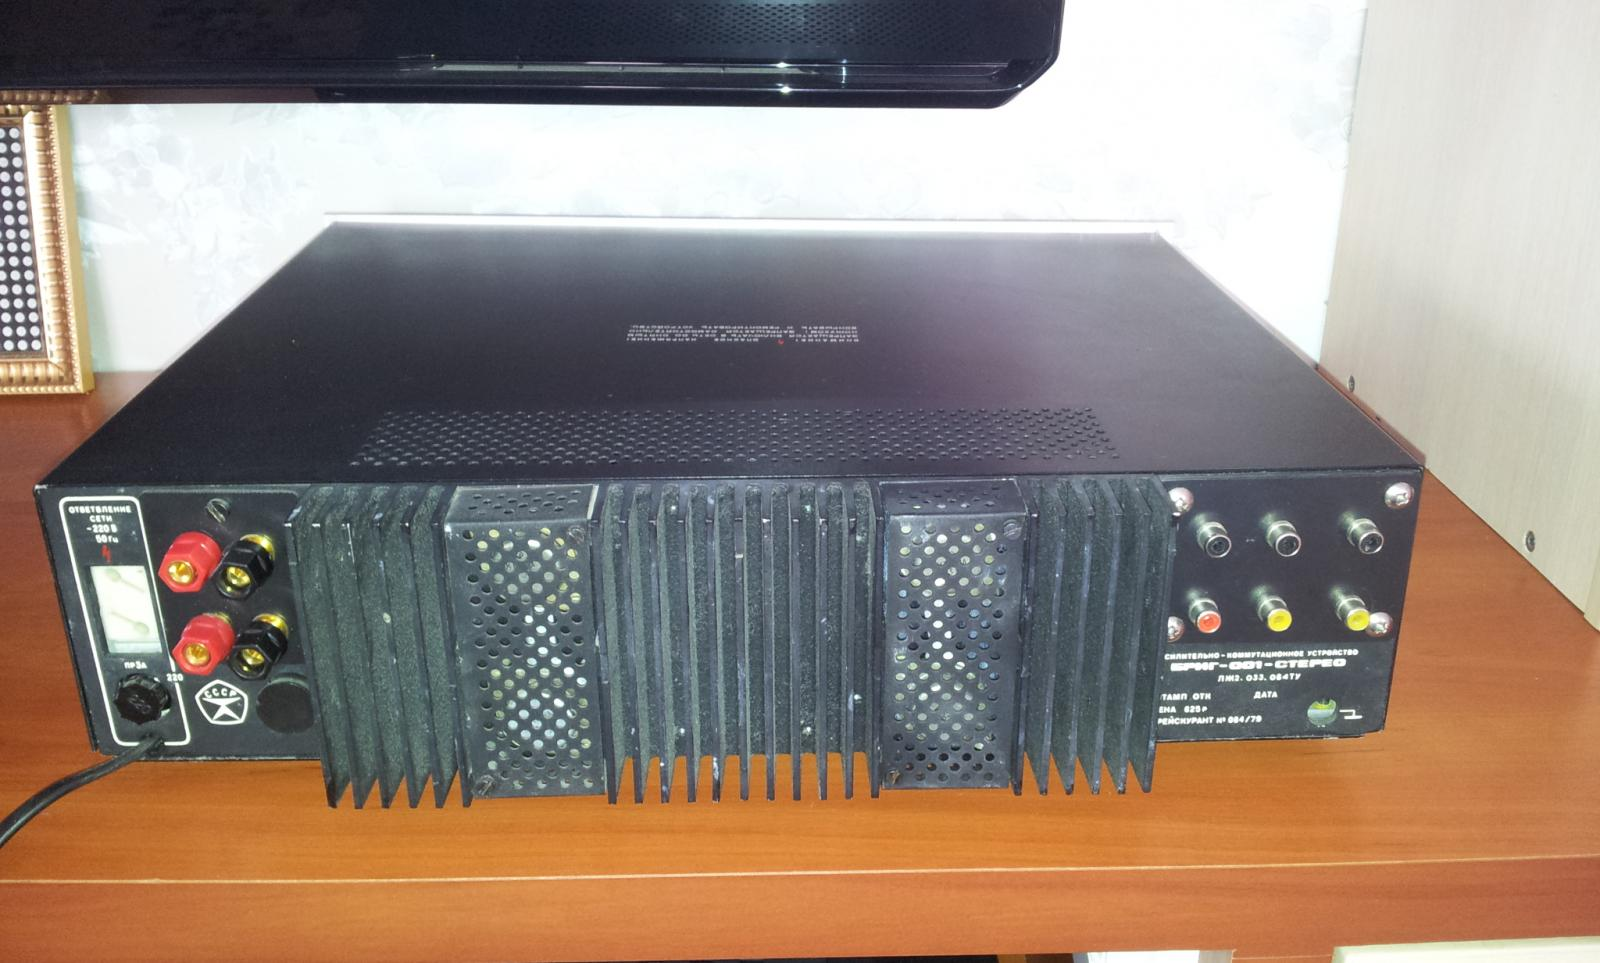 бриг у 001 стерео hi-fi схема 1988